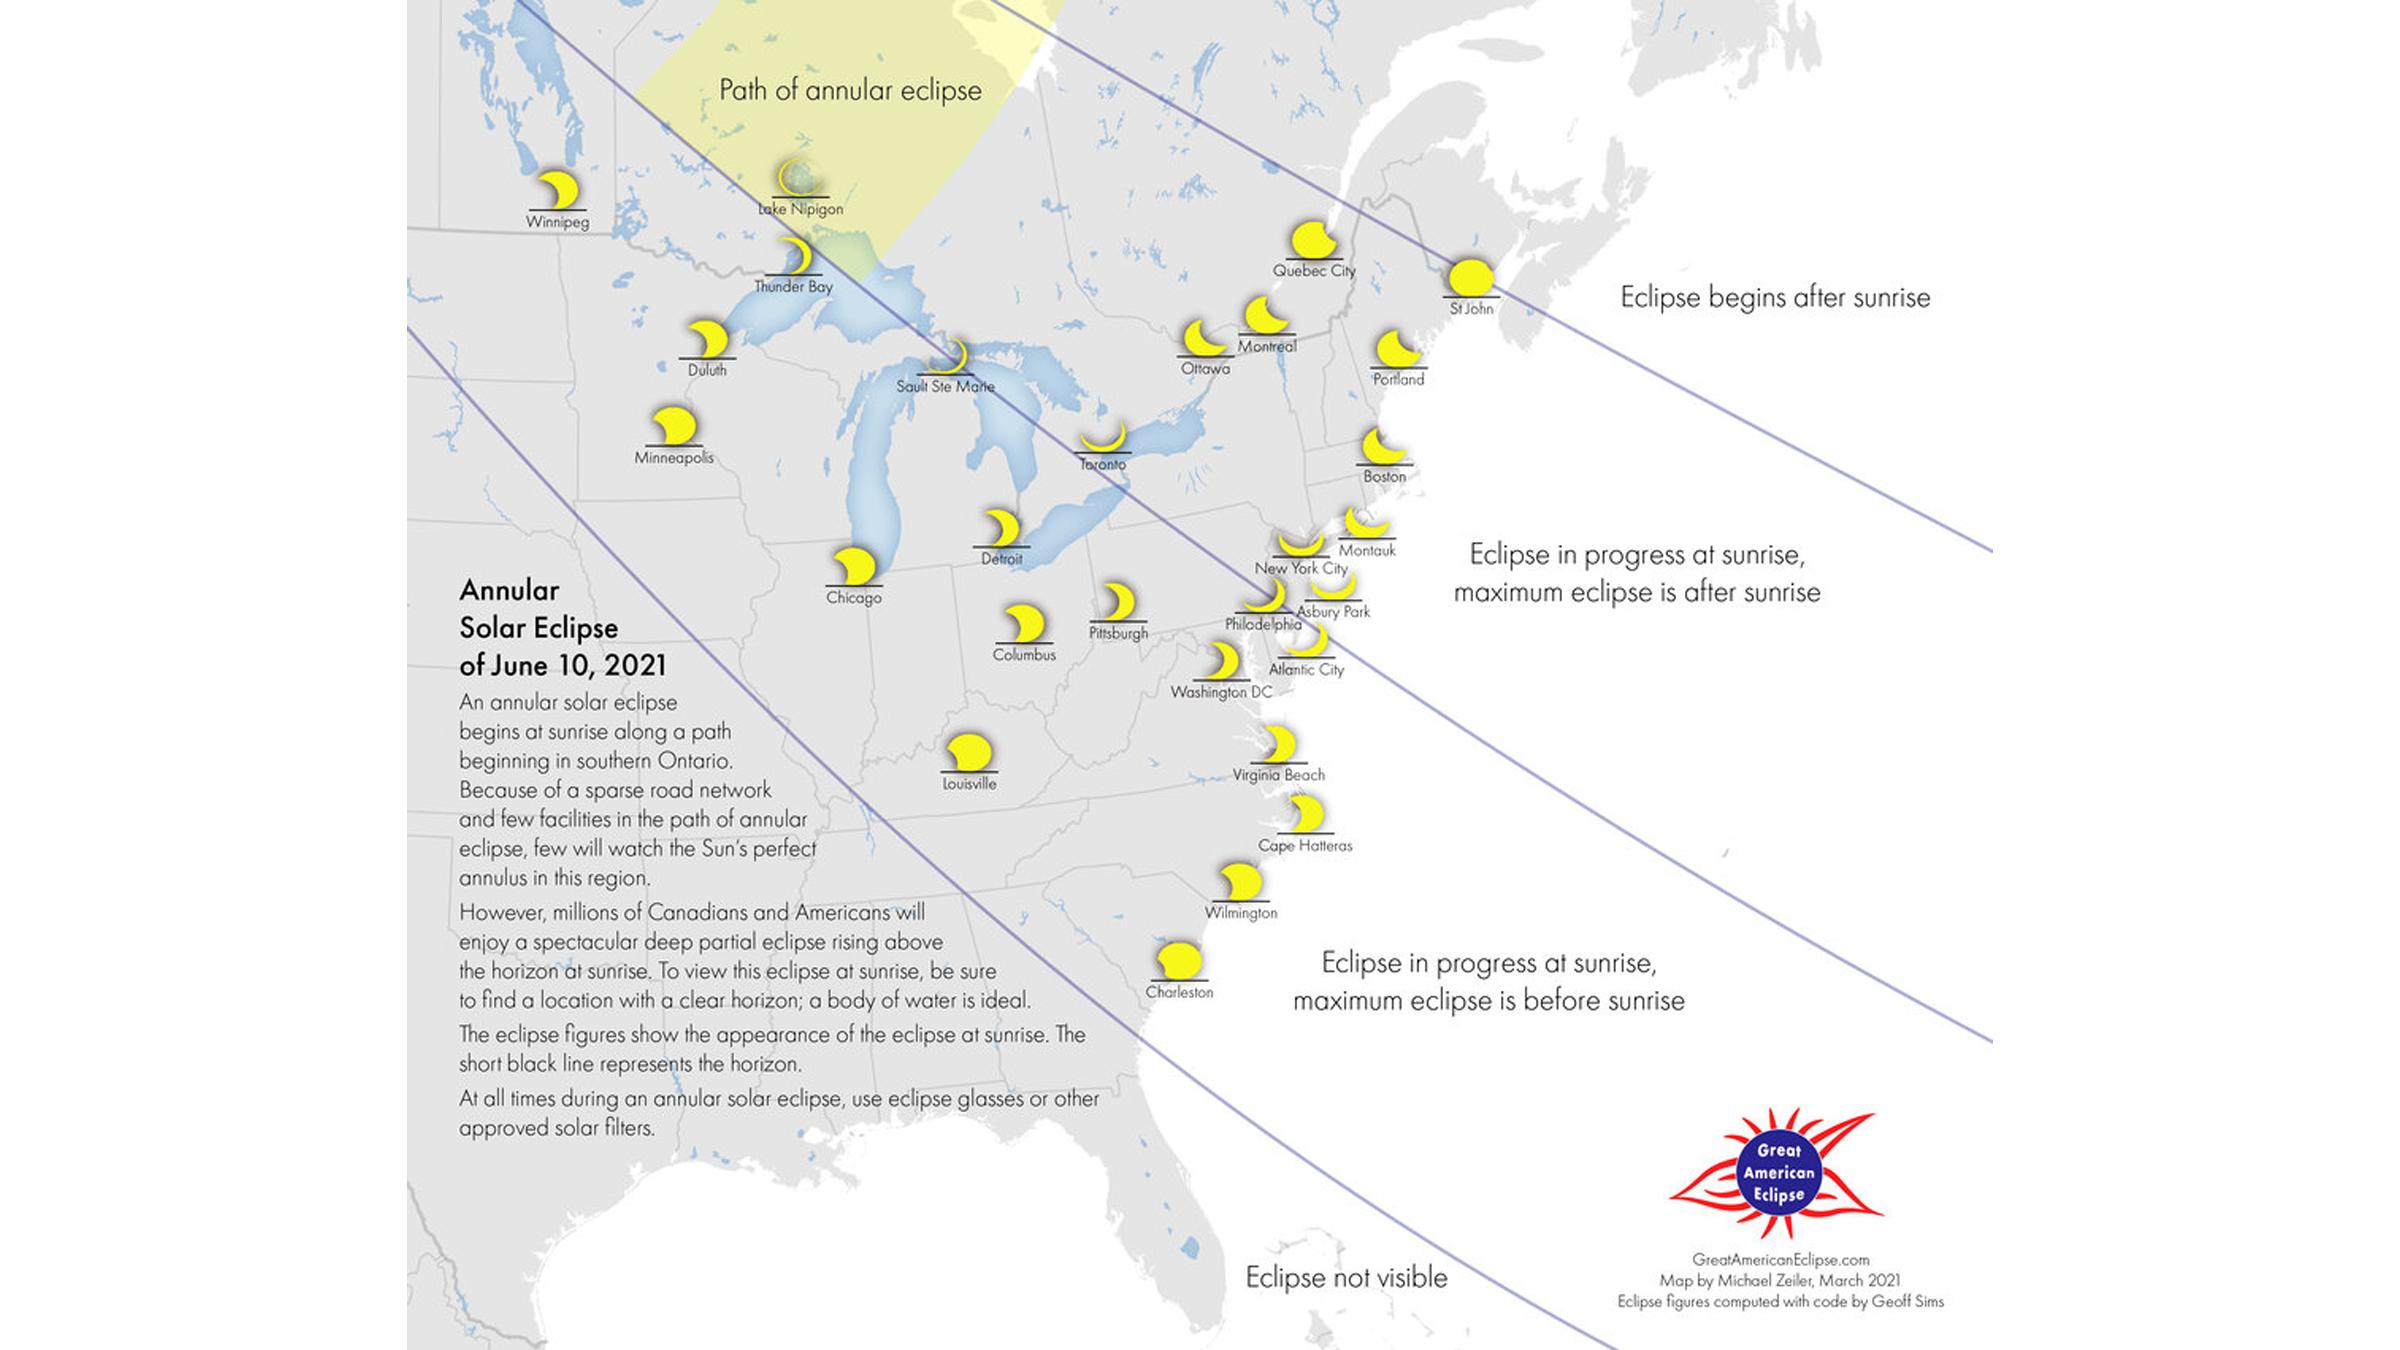 Différentes régions de l'Est américain verront des quantités variables d'éclipse partielle.